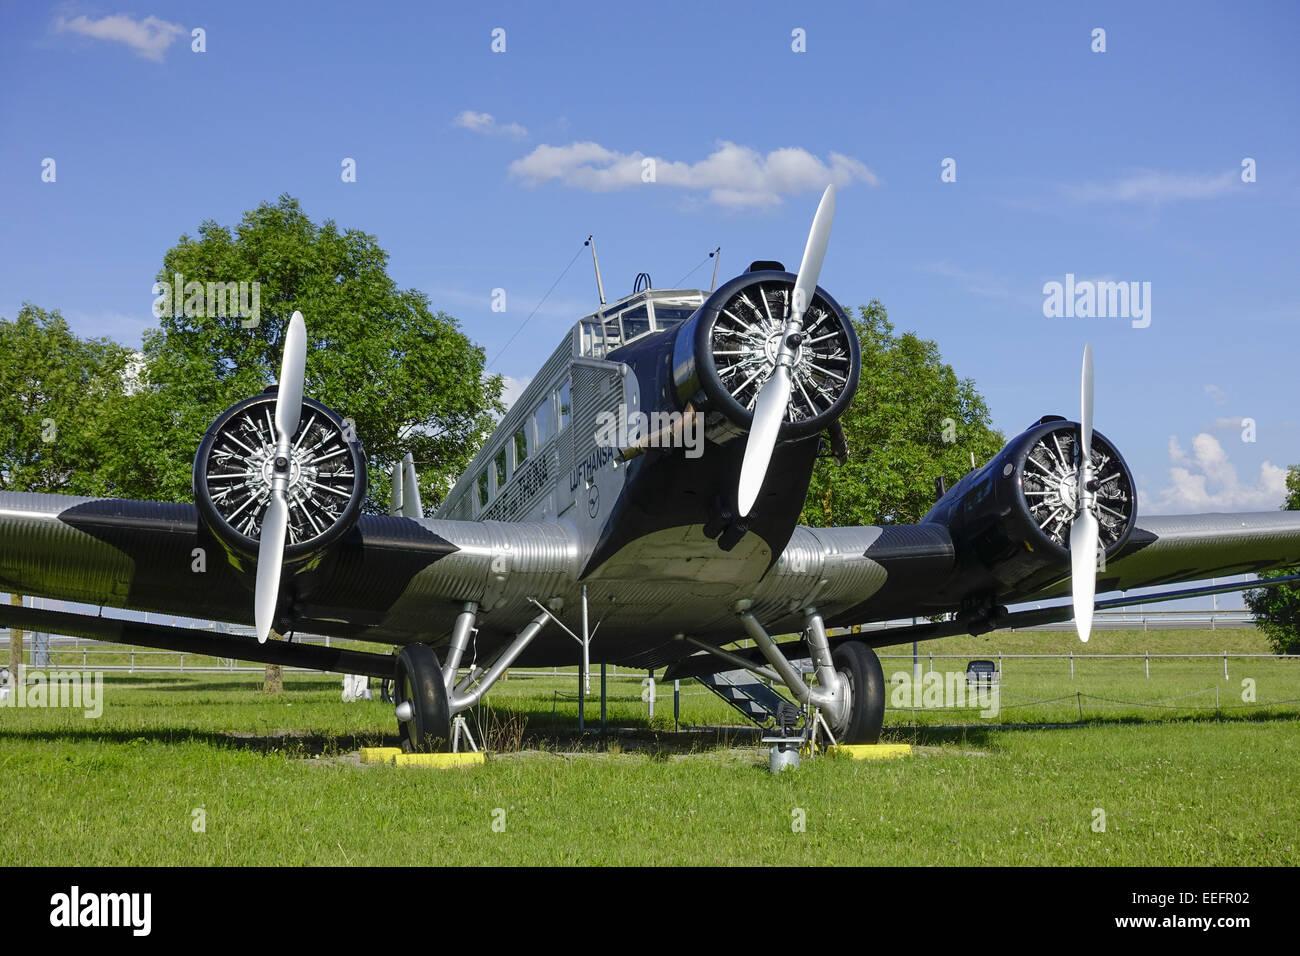 Historisches Flugzeug Junkers JU 52, BJ. 1937, Besucherpark Flughafen München II, München, Bayern, Deutschland, - Stock Image